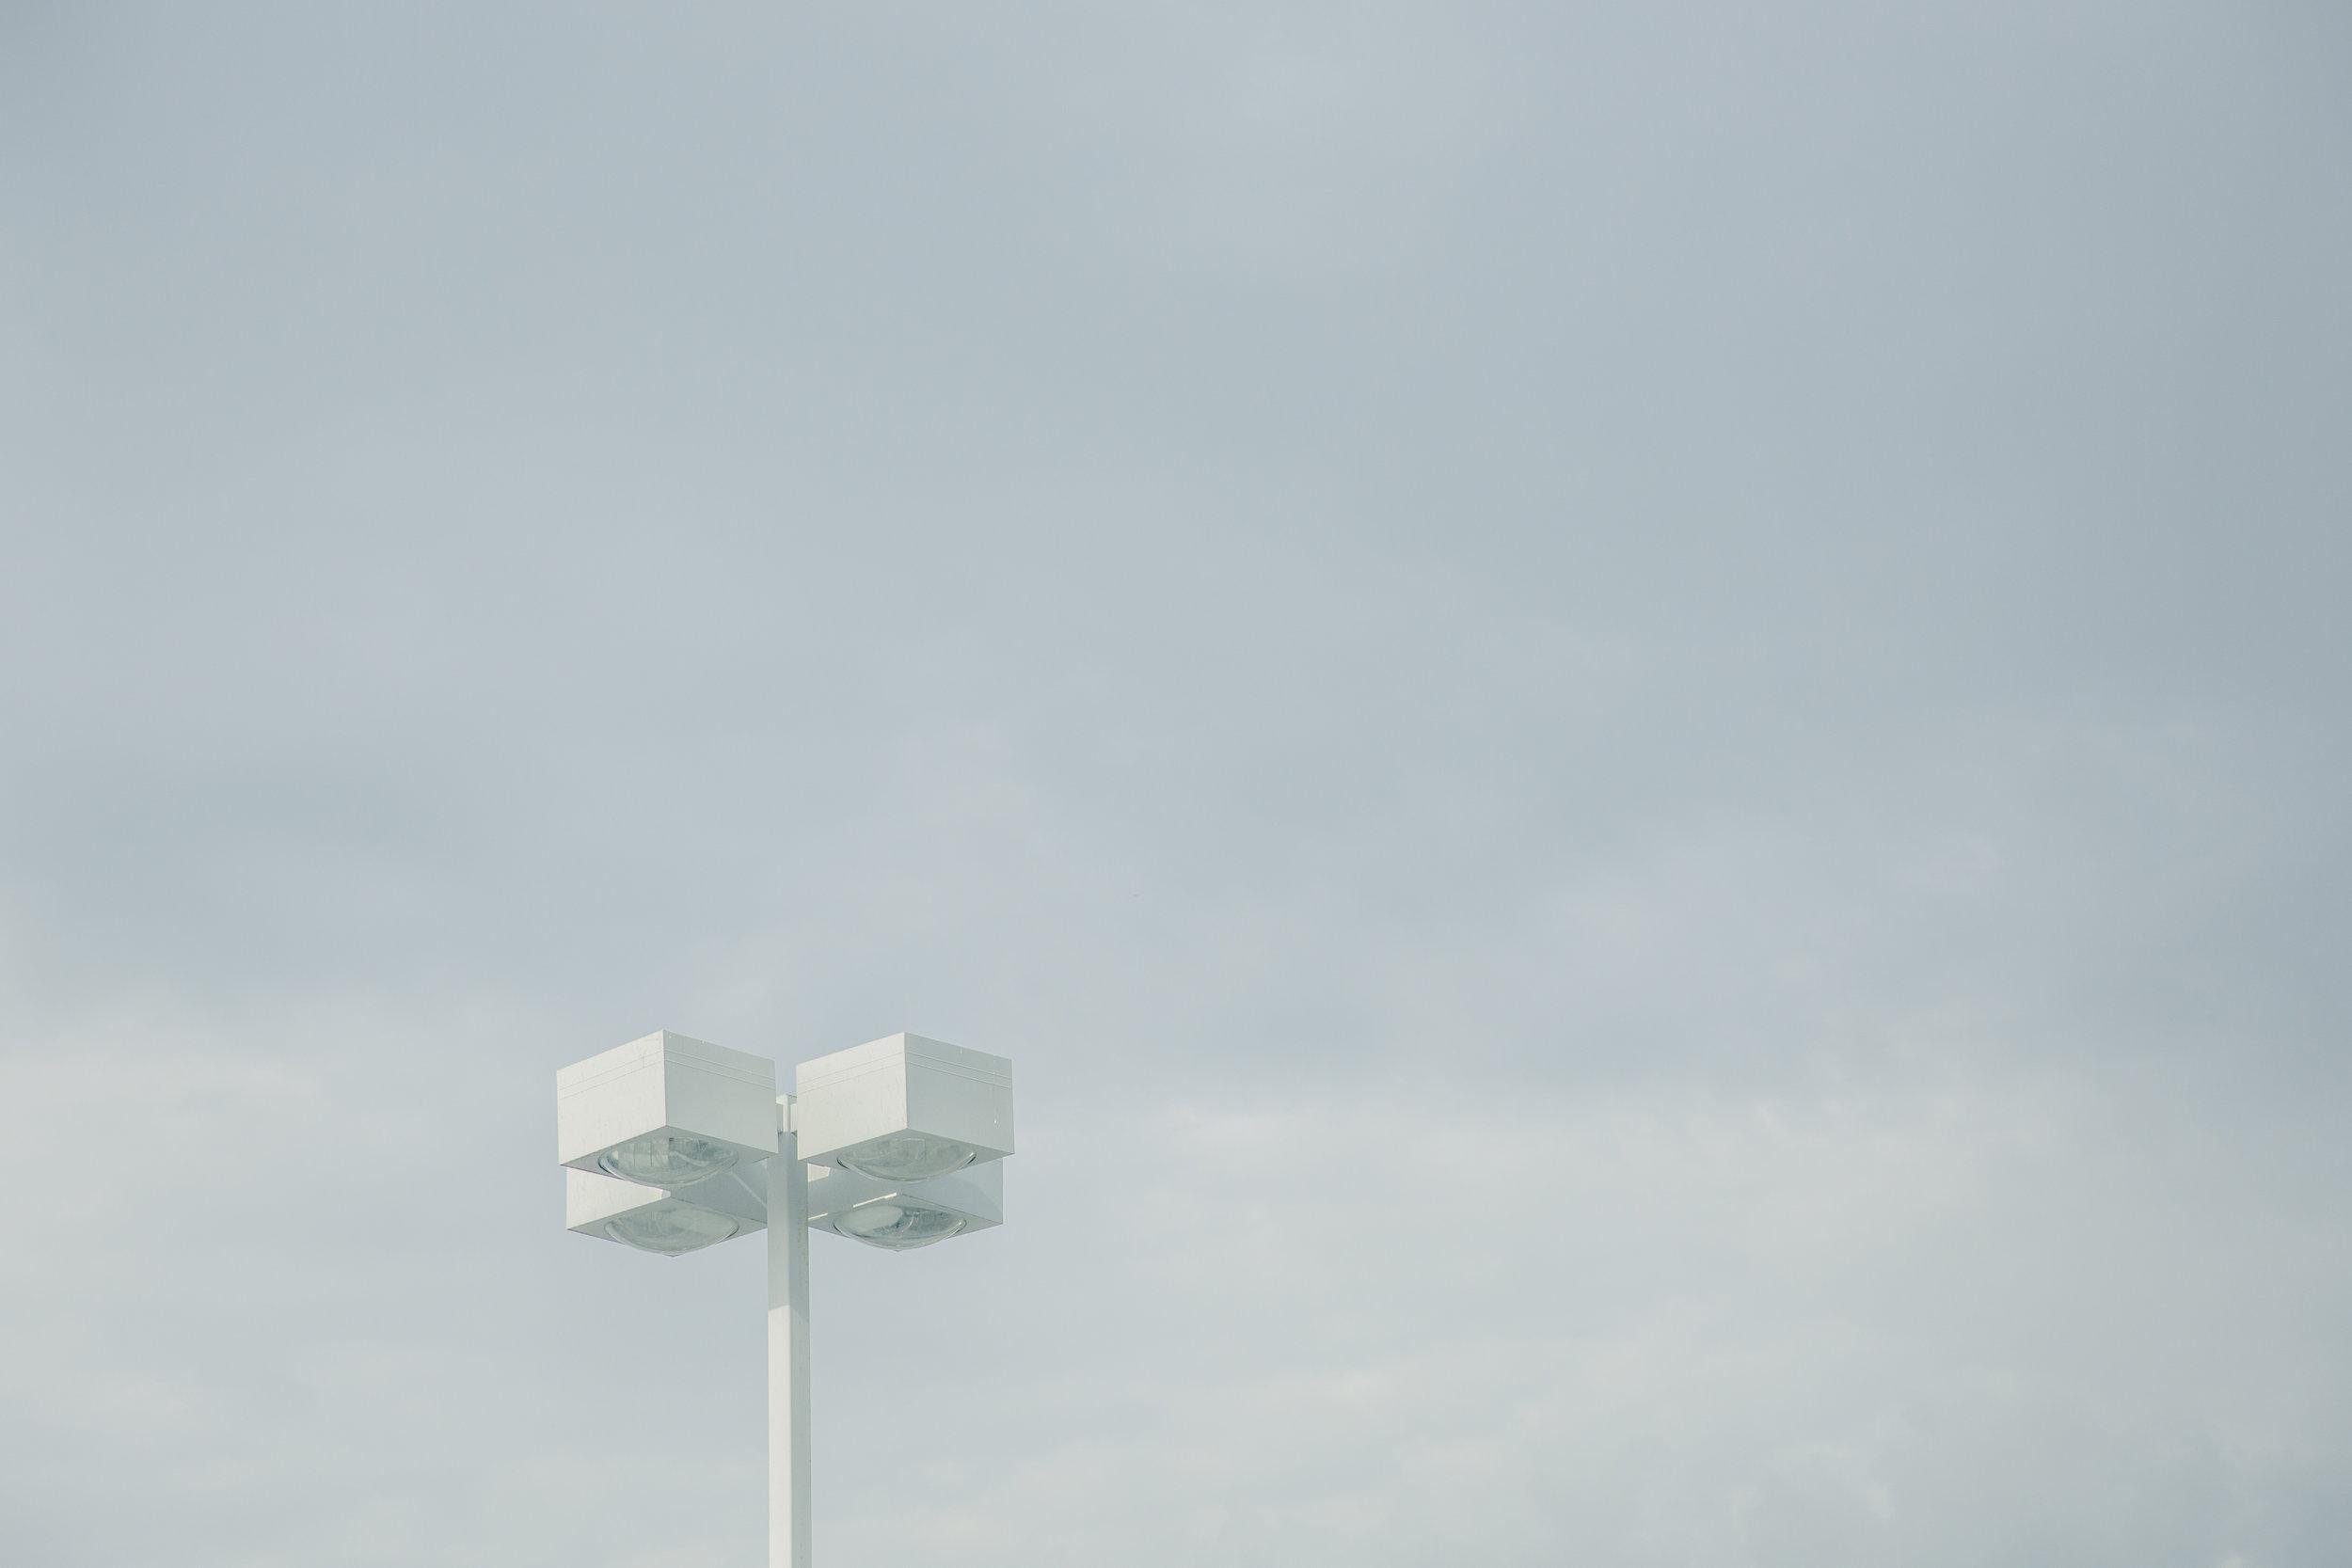 LightPoles-2.jpg